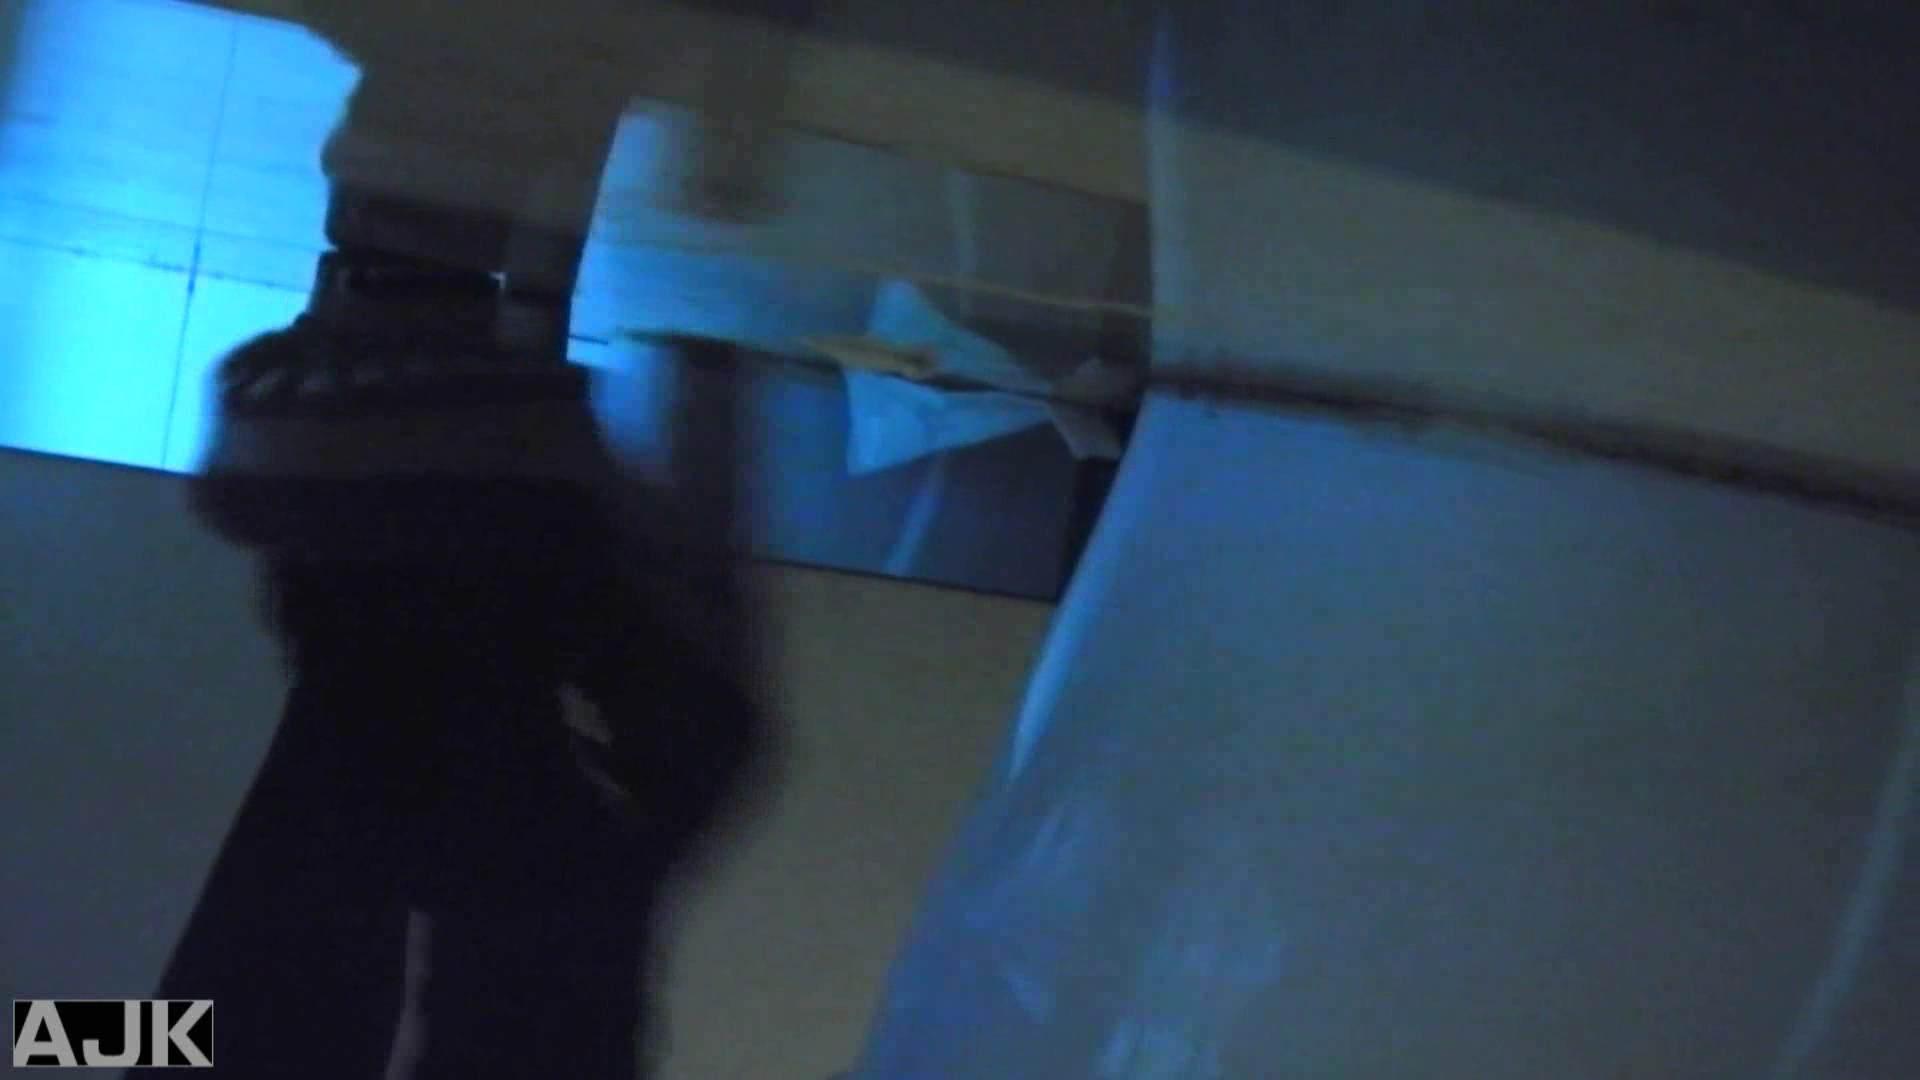 隣国上階級エリアの令嬢たちが集うデパートお手洗い Vol.13 オマンコ大好き おめこ無修正動画無料 59画像 5